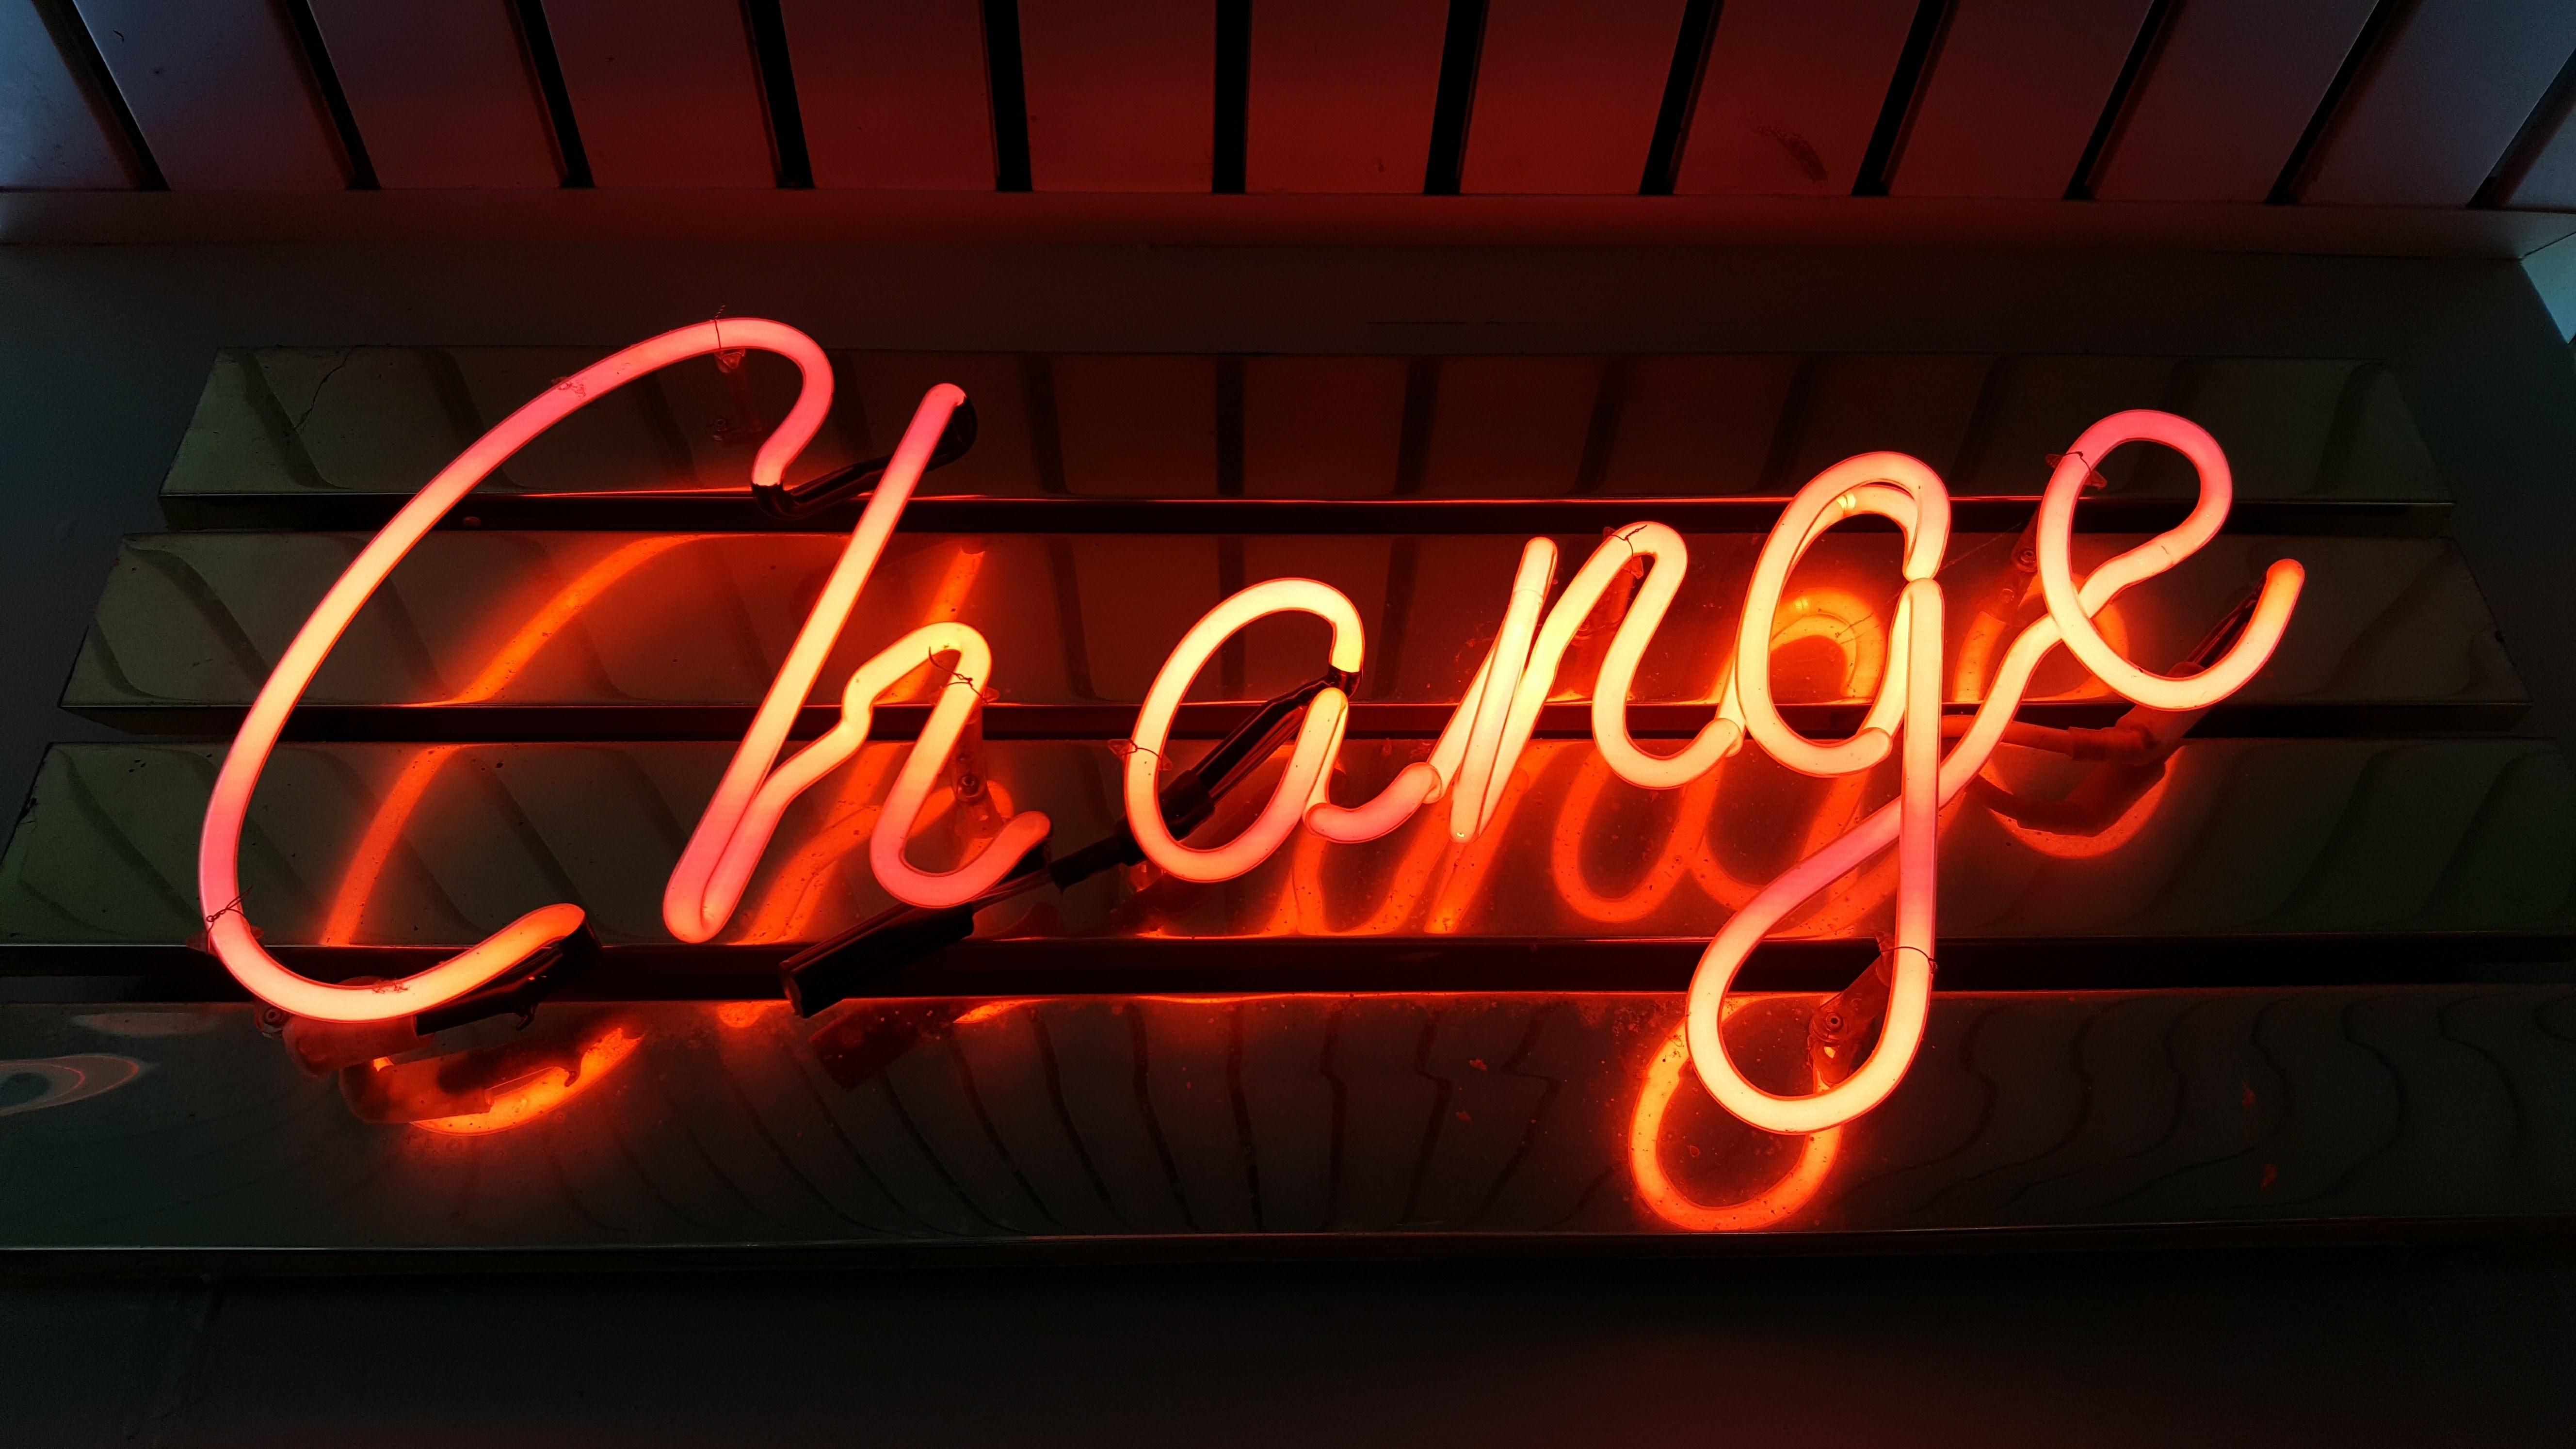 Could Embracing 'CHANGE' Make You Market Leader?